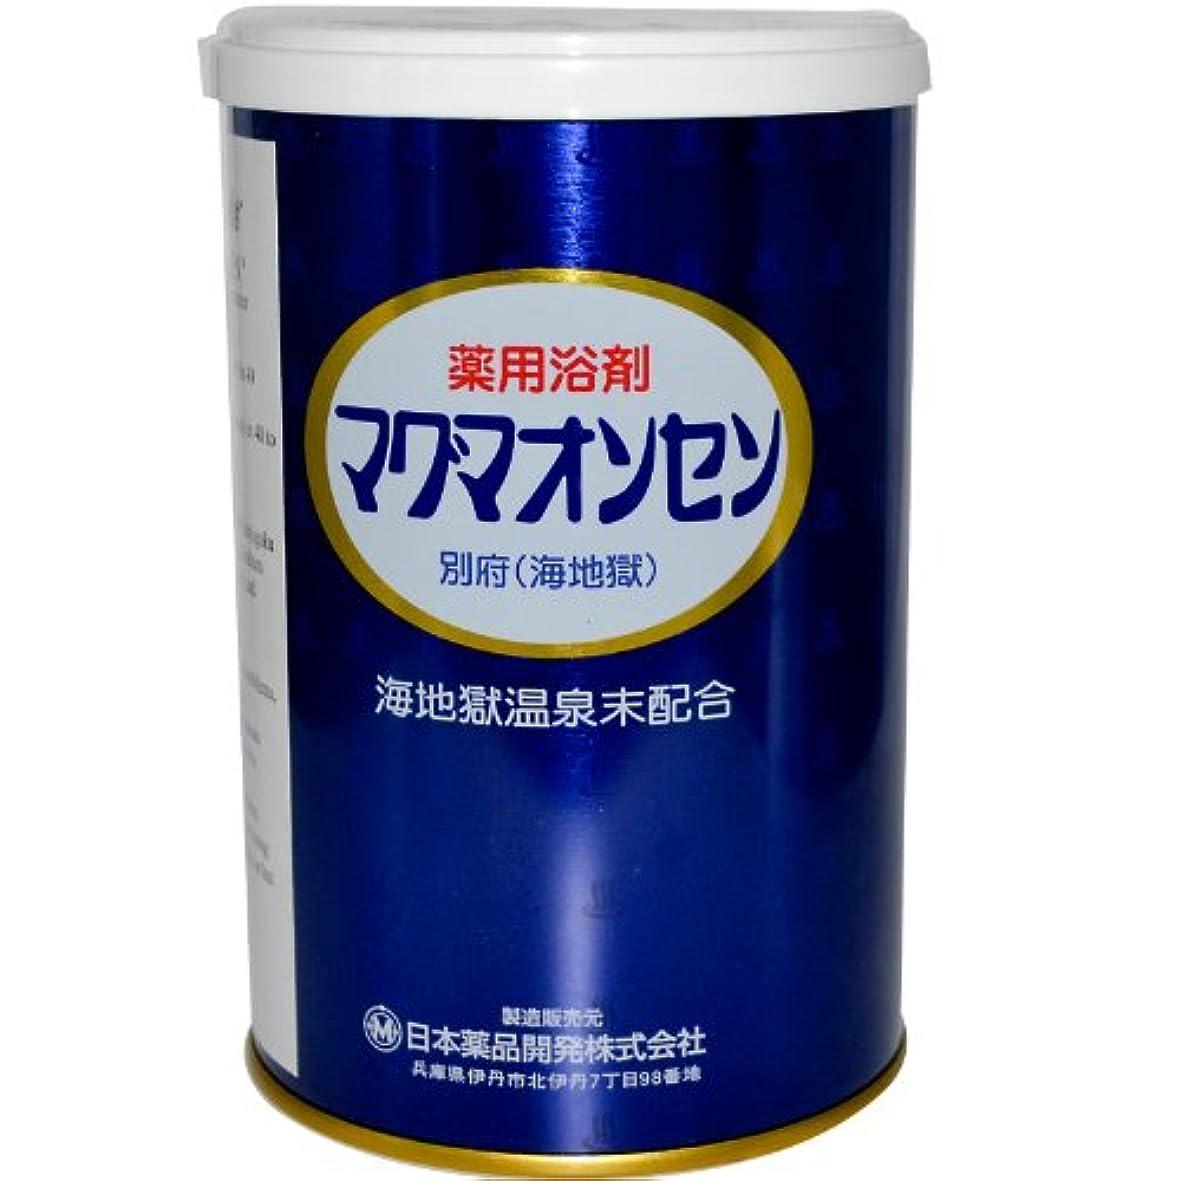 マグマオンセン別府(海地獄) 500g